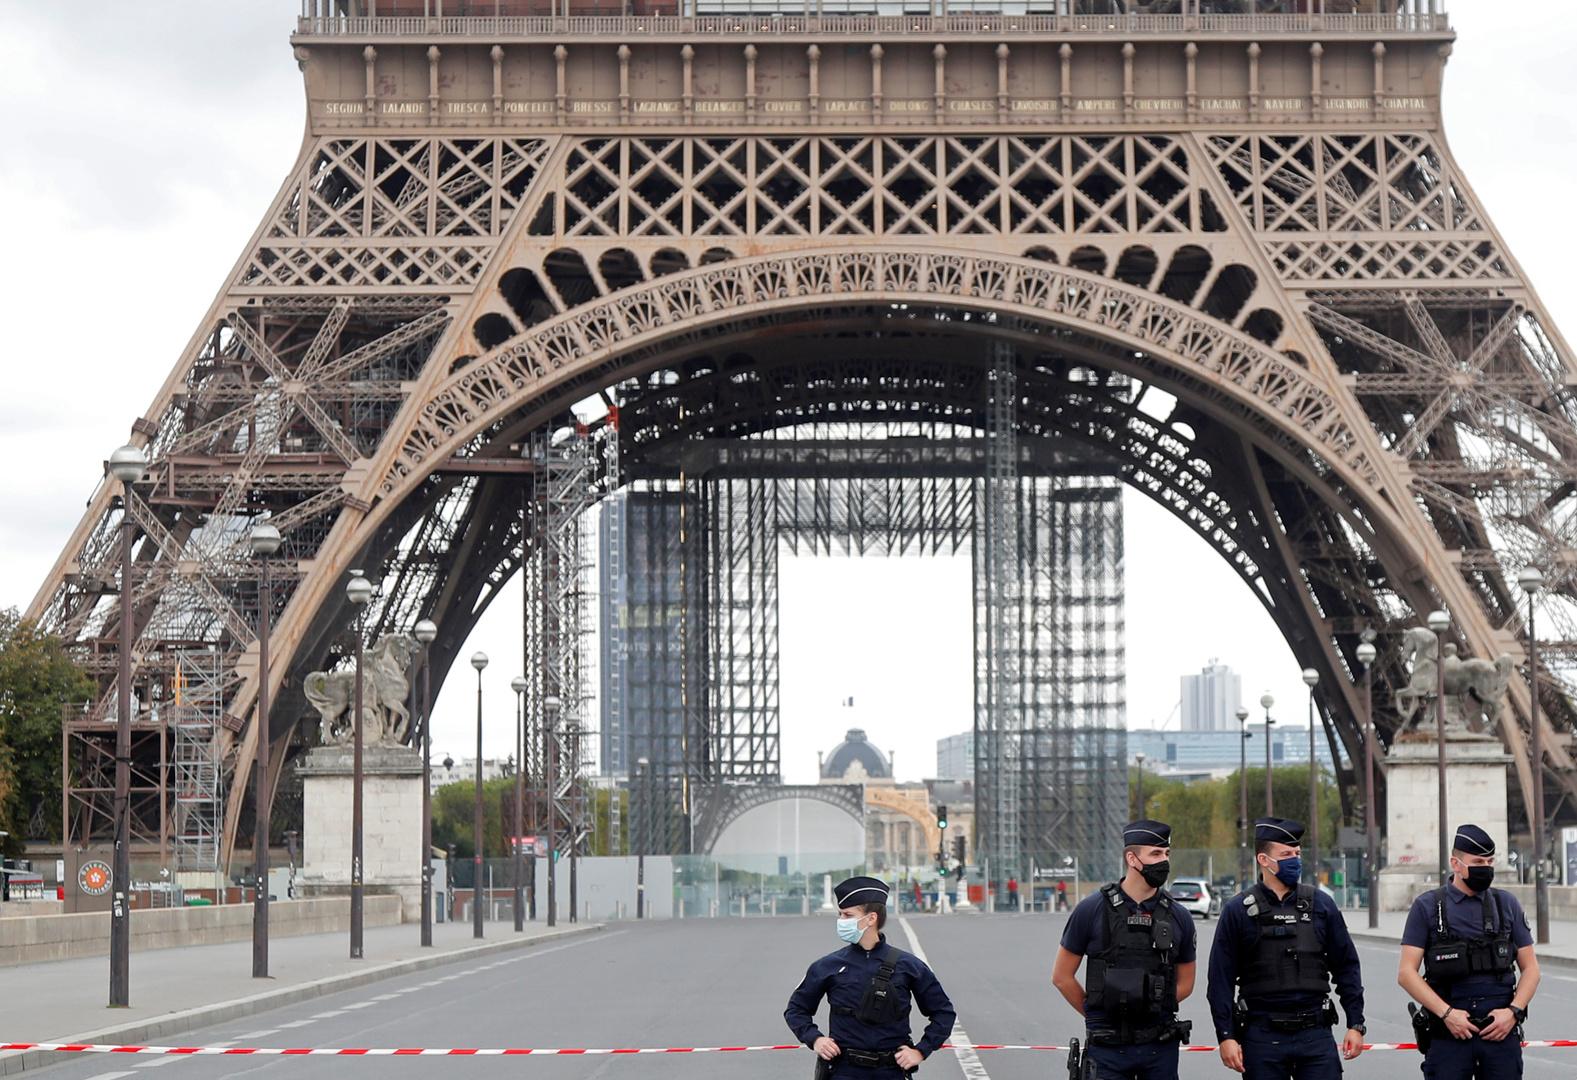 مرصد الإسلاموفوبيا: الاعتداء على سيدتين مسلمتين في فرنسا جريمة إرهابية تتطلب استنفارا مجتمعيا